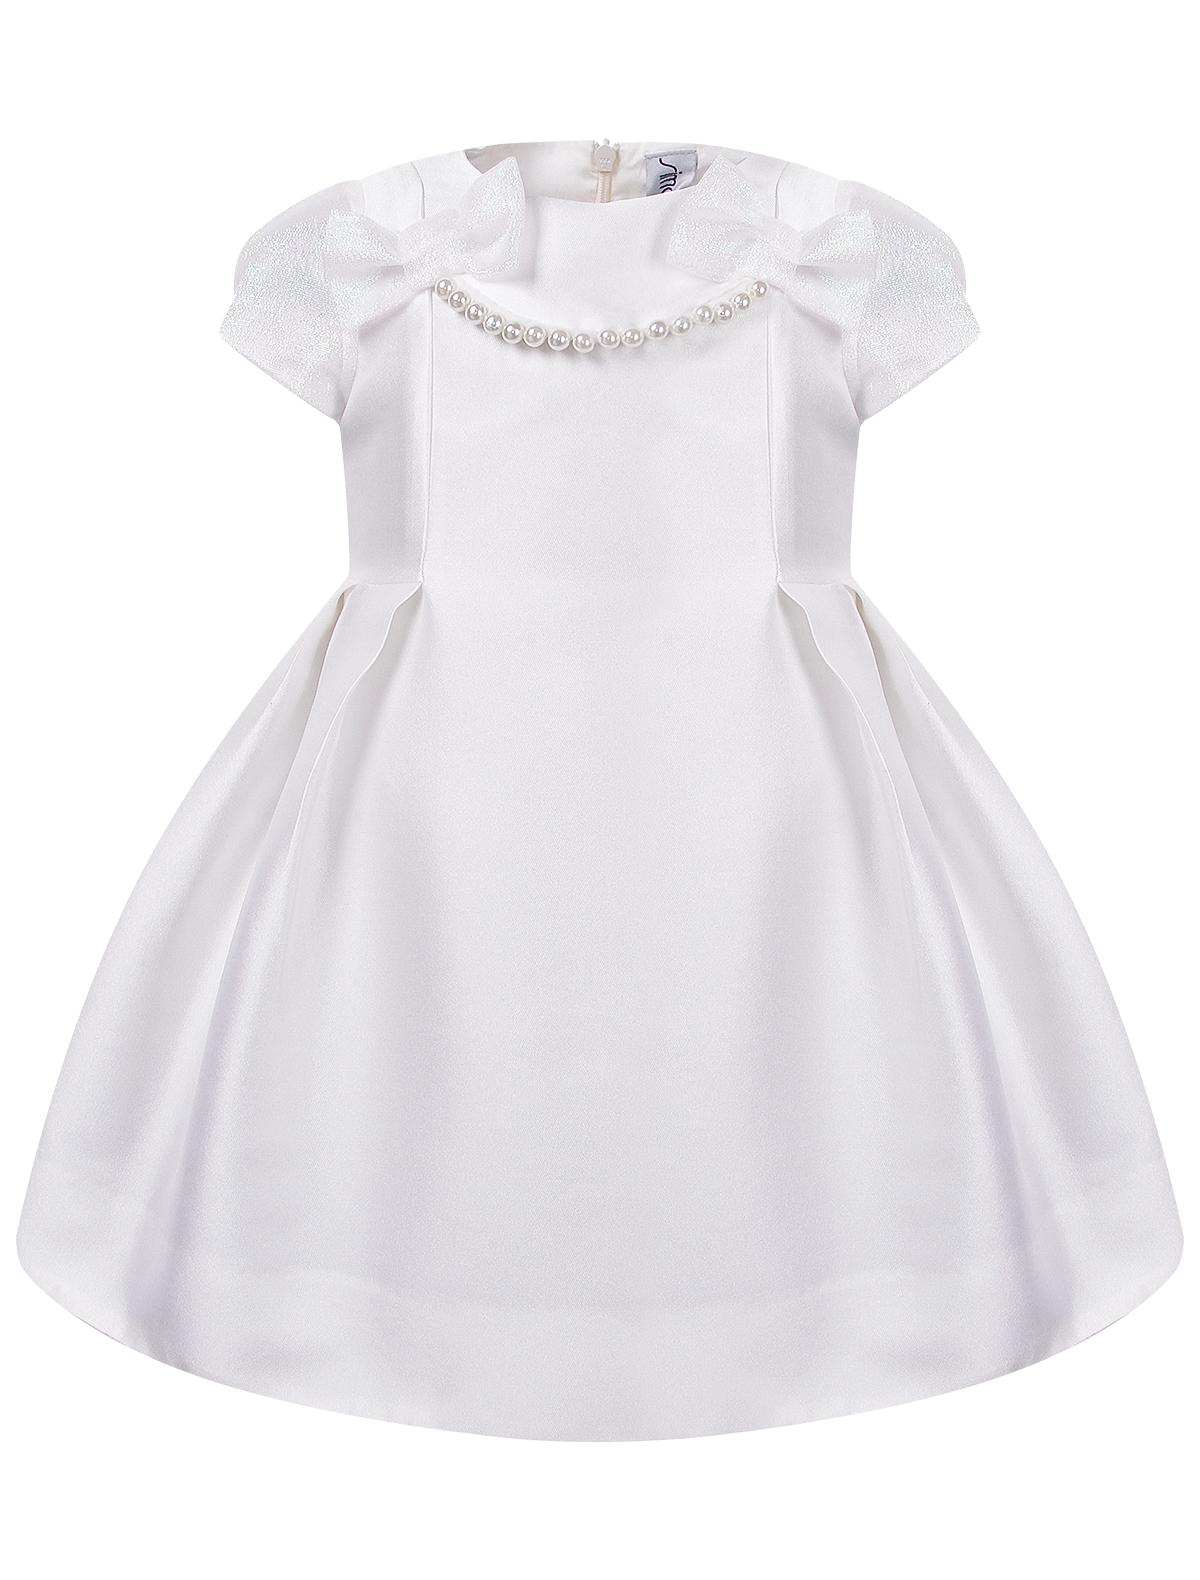 Купить 2041047, Платье Simonetta, белый, Женский, 1051209980067